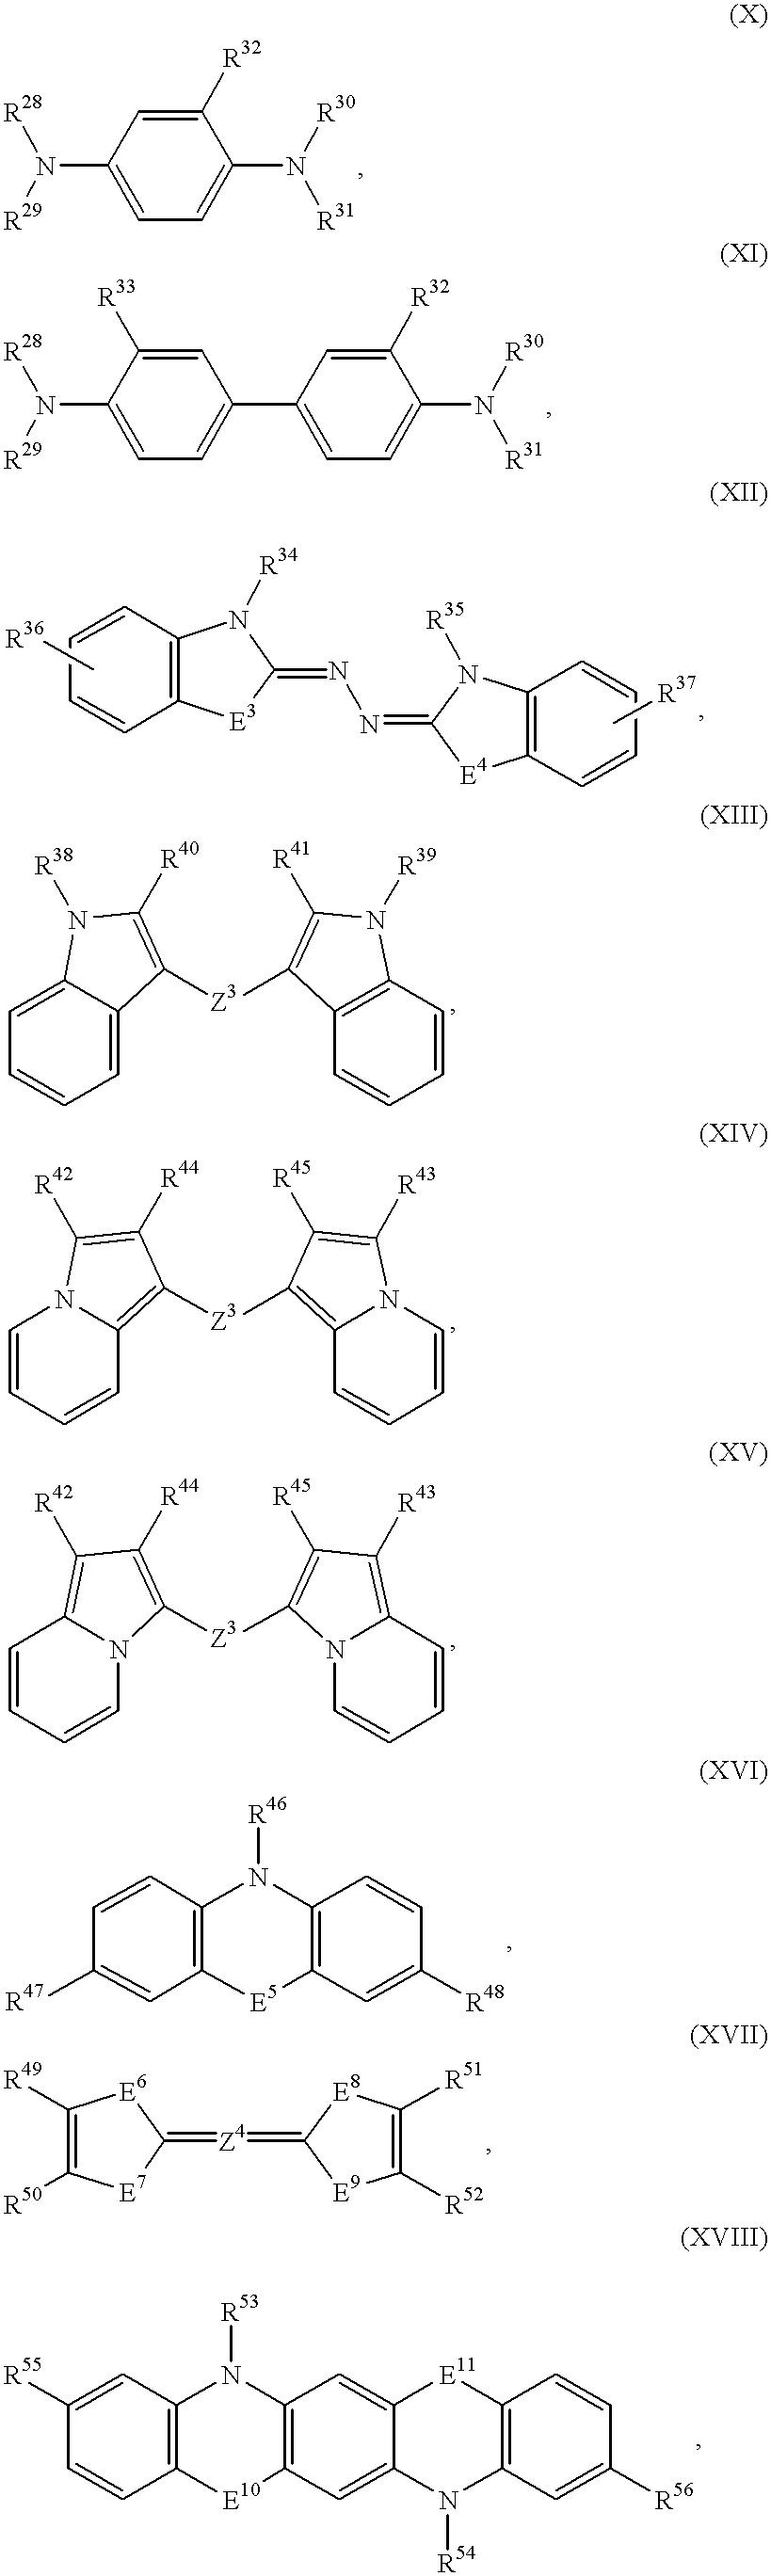 Figure US06241916-20010605-C00005